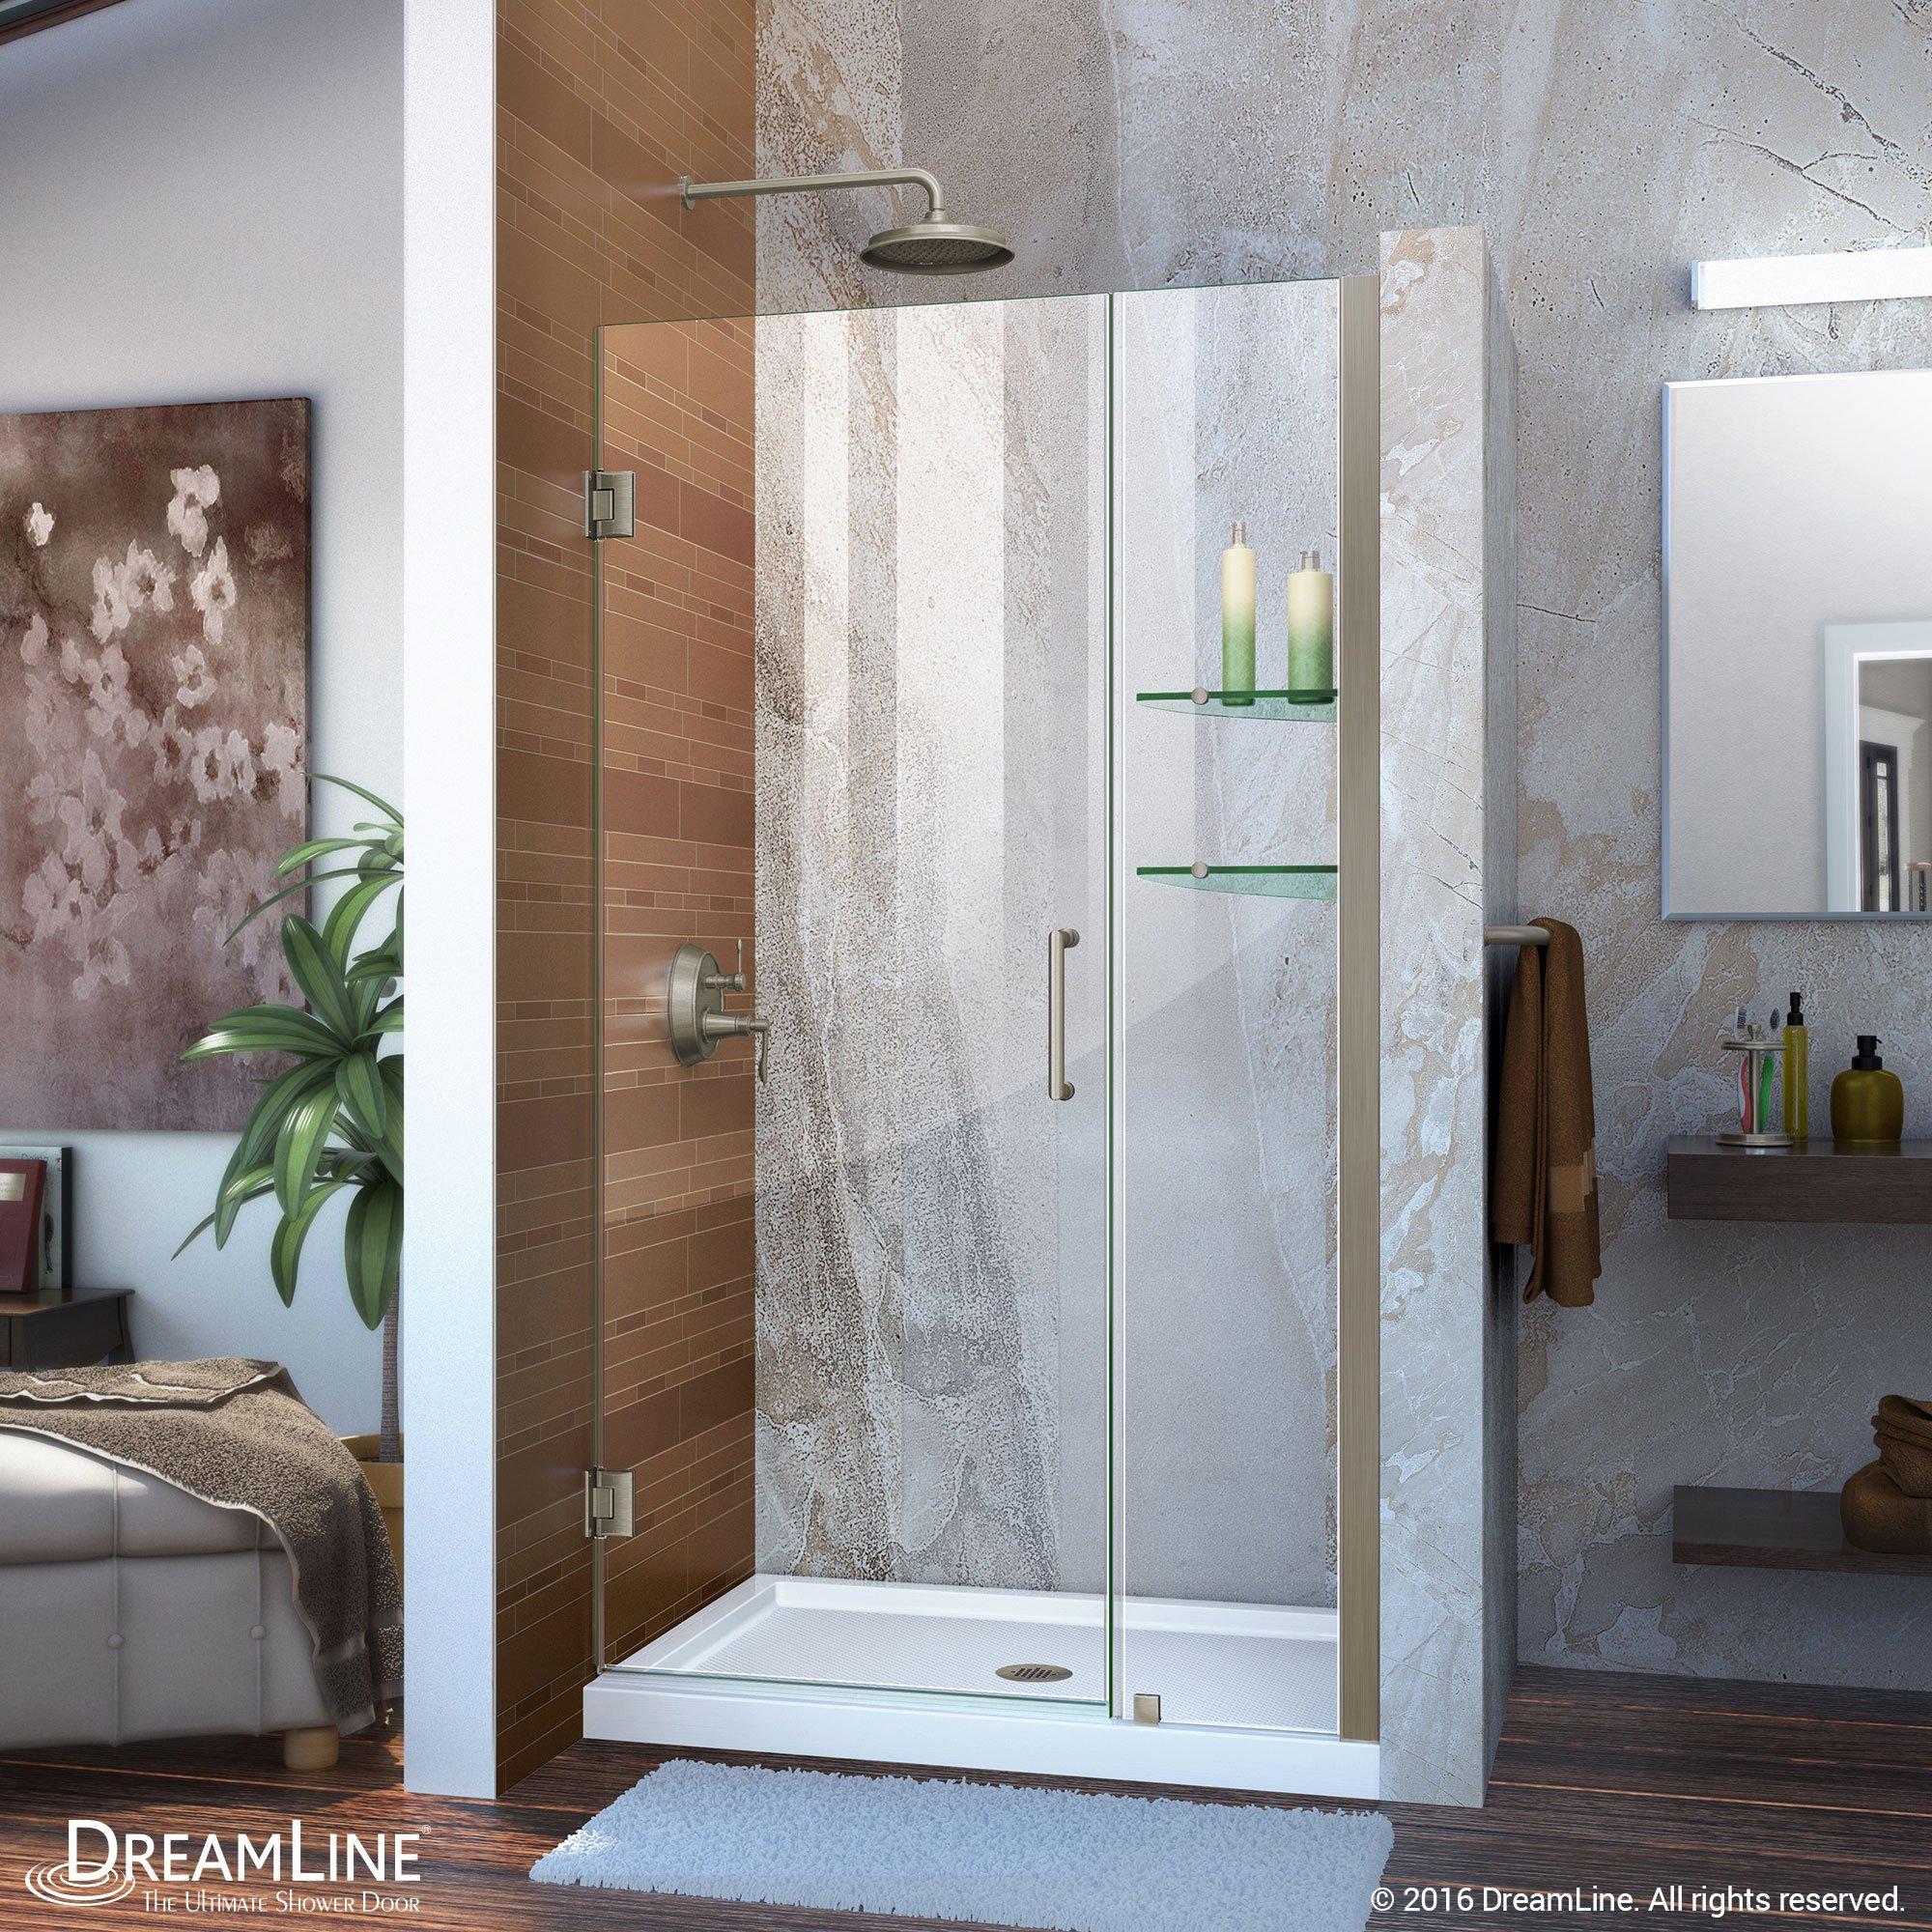 DreamLine Unidoor 42-43 in. Width, Frameless Hinged Shower Door, 3/8'' Glass, Brushed Nickel Finish